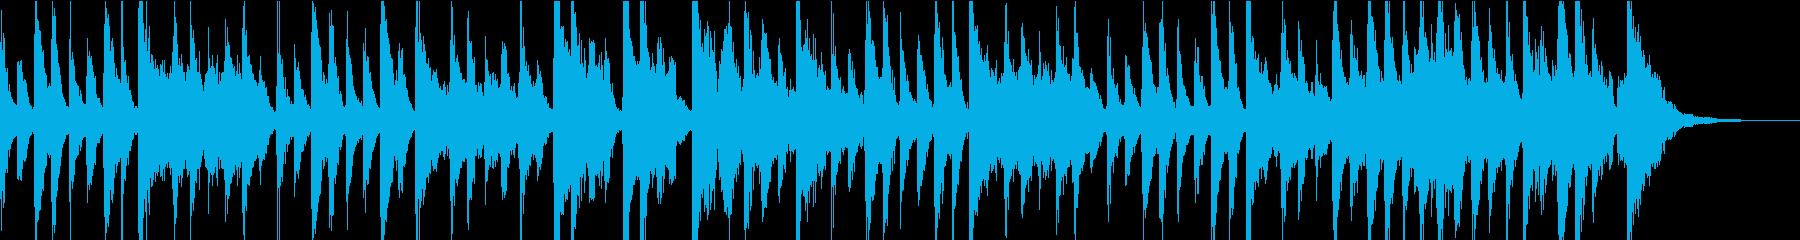 ピアノメインの古典的なジャズ CM用の再生済みの波形